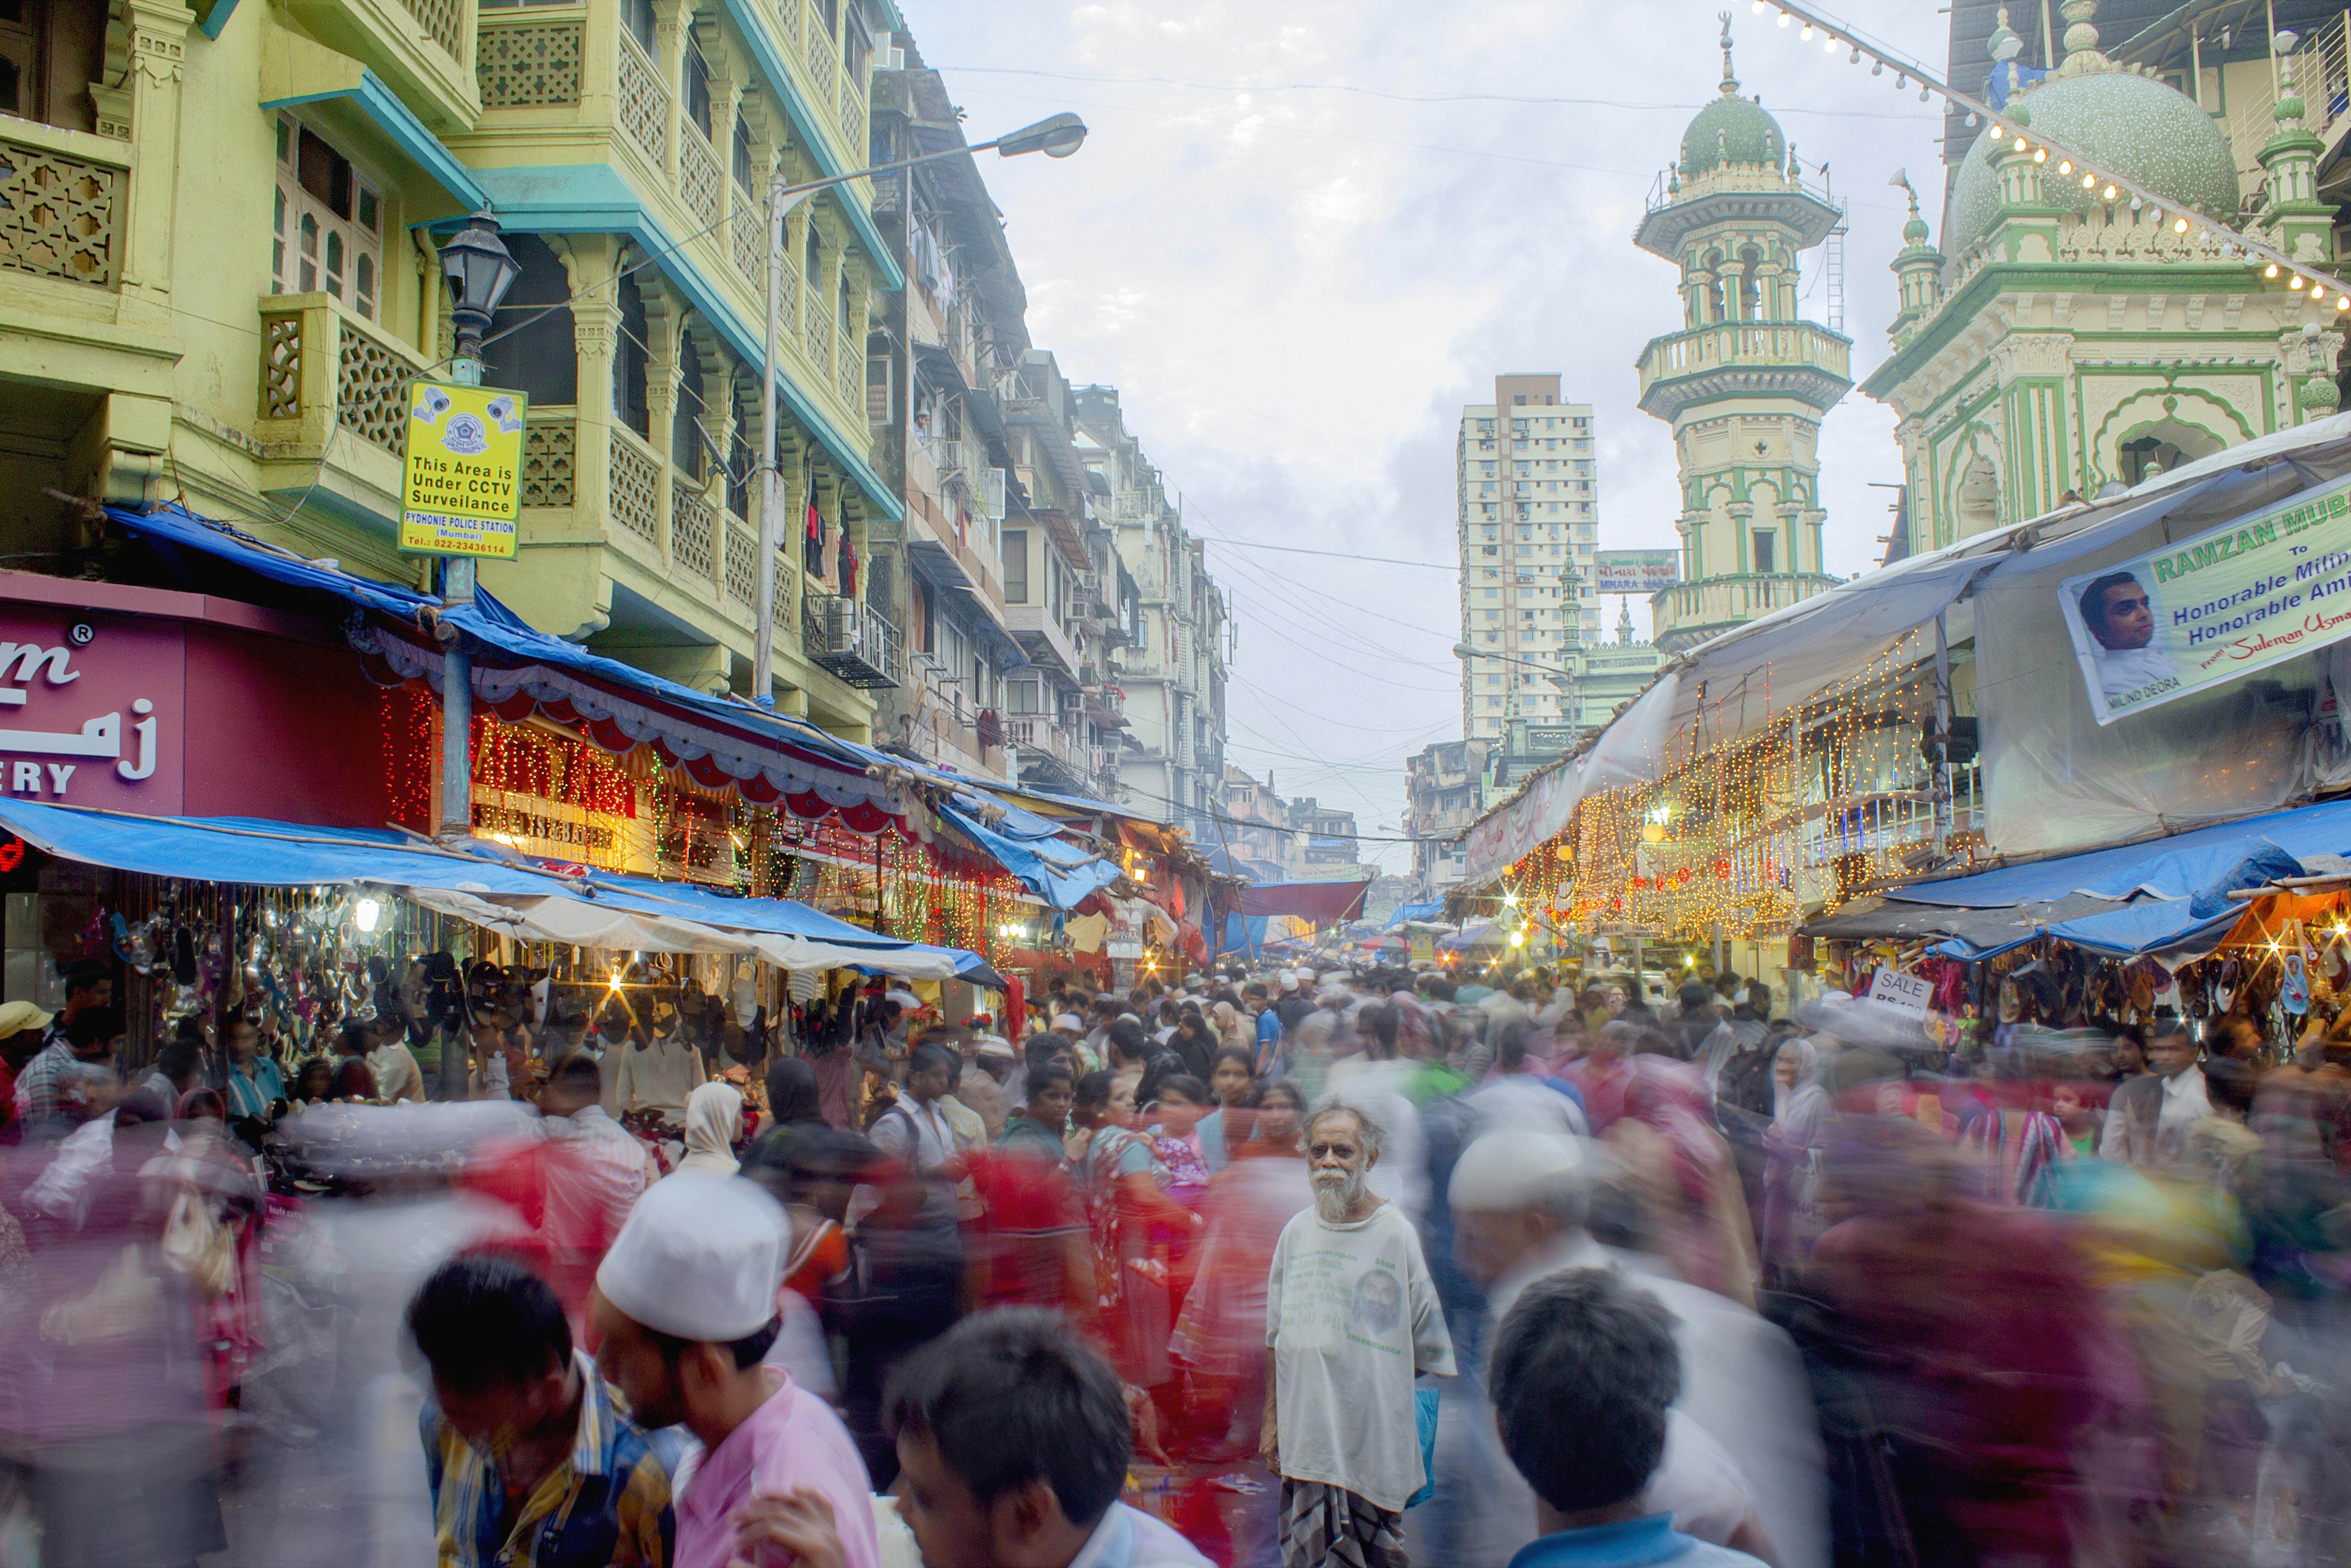 Mohammed ali road, Mumbai